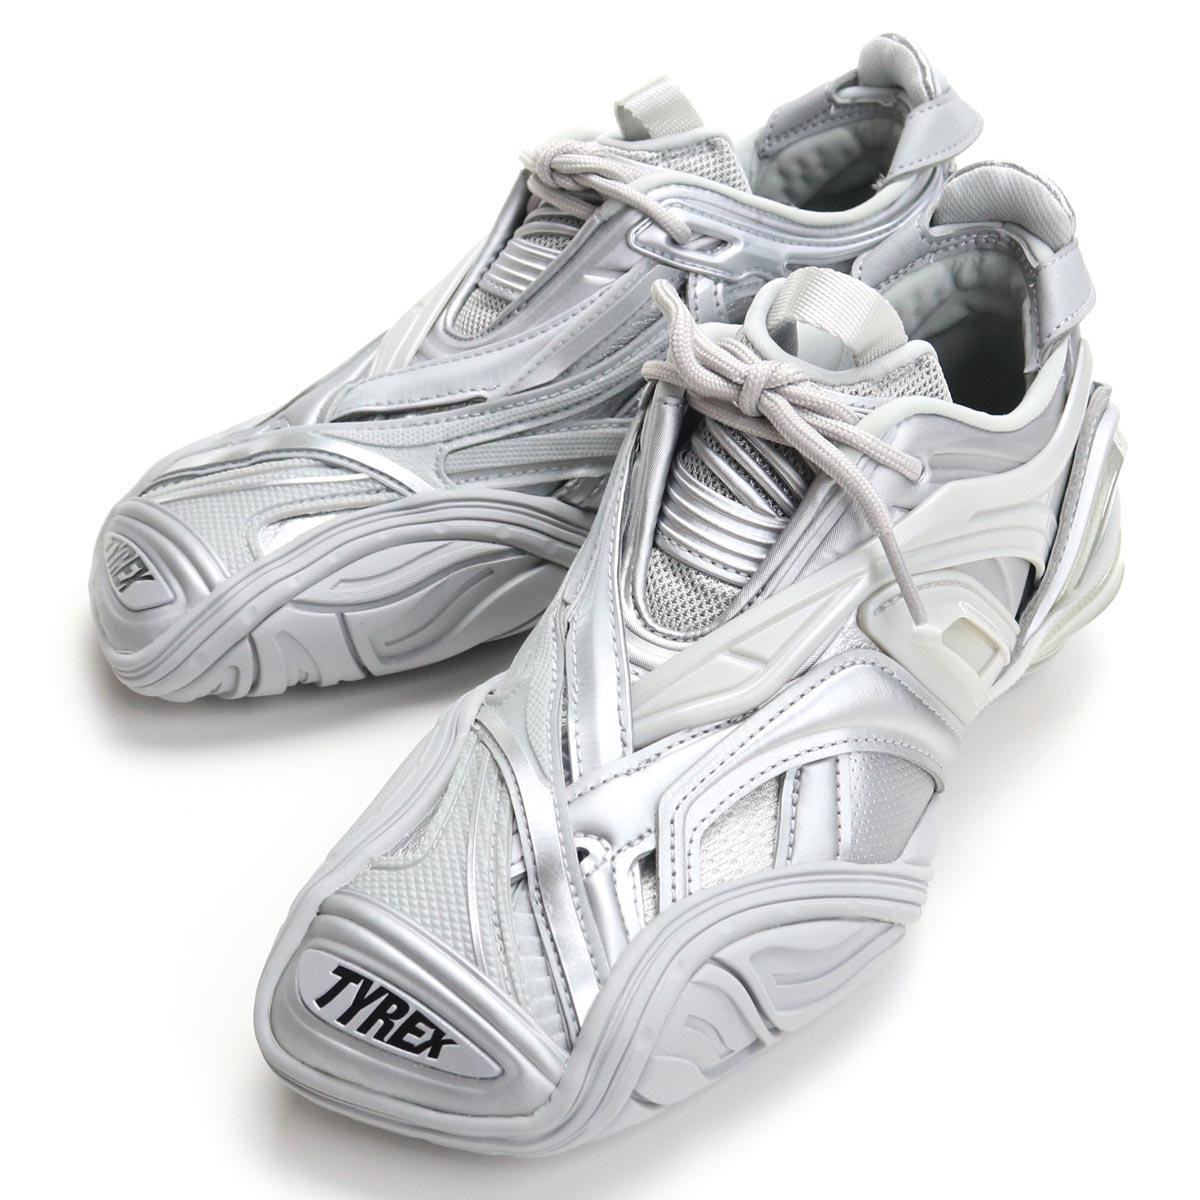 レディース靴, スニーカー  BALENCIAGA TYREX 617517 W2WA1 8100 bos-09 shoes-01 OLS-6